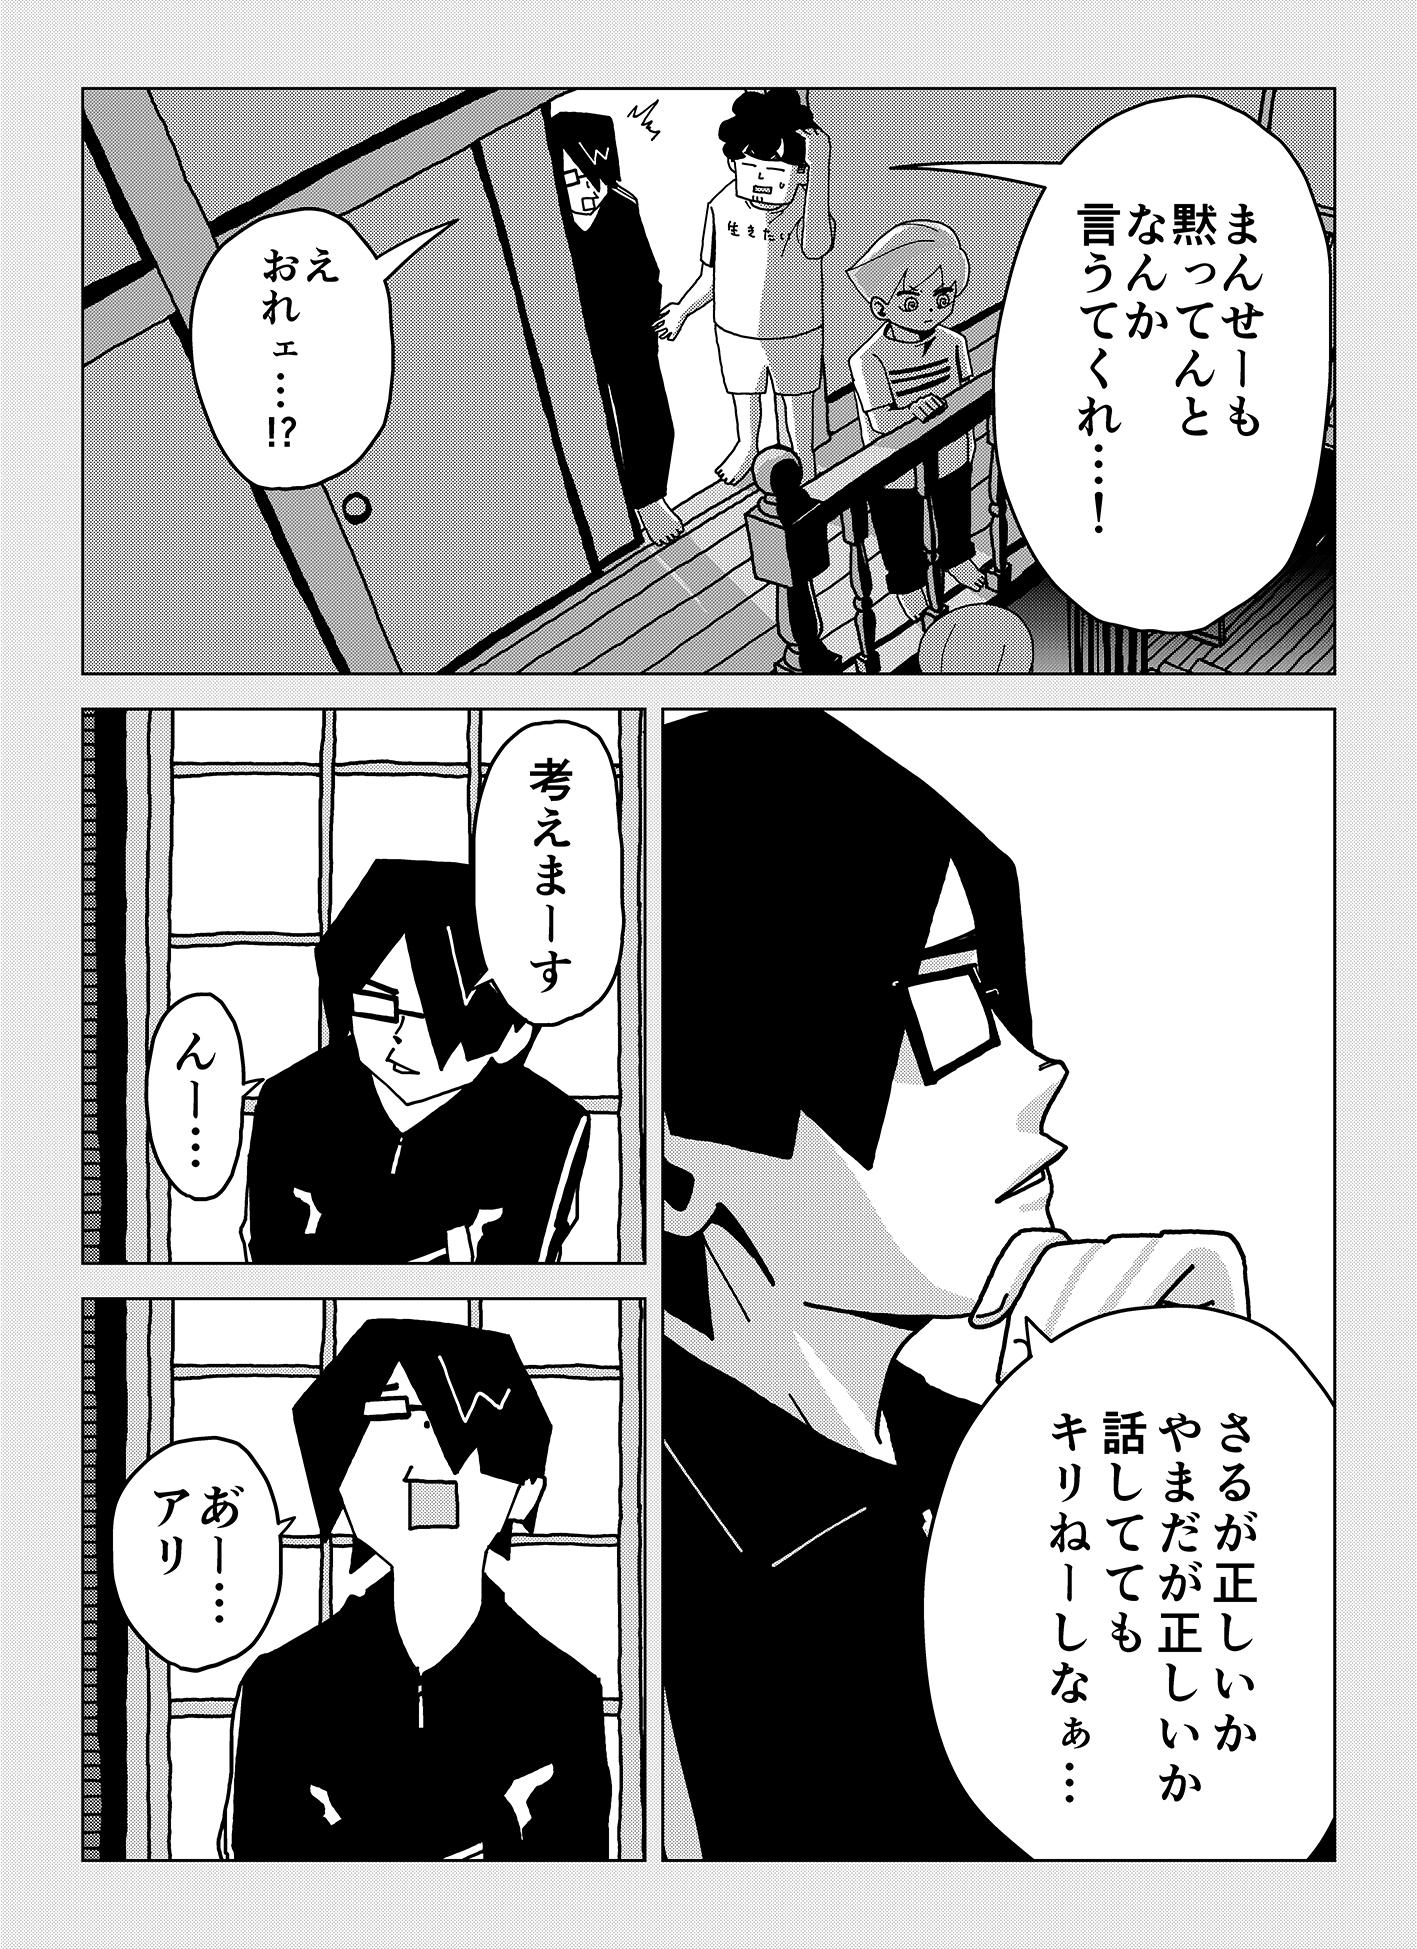 share_09_010